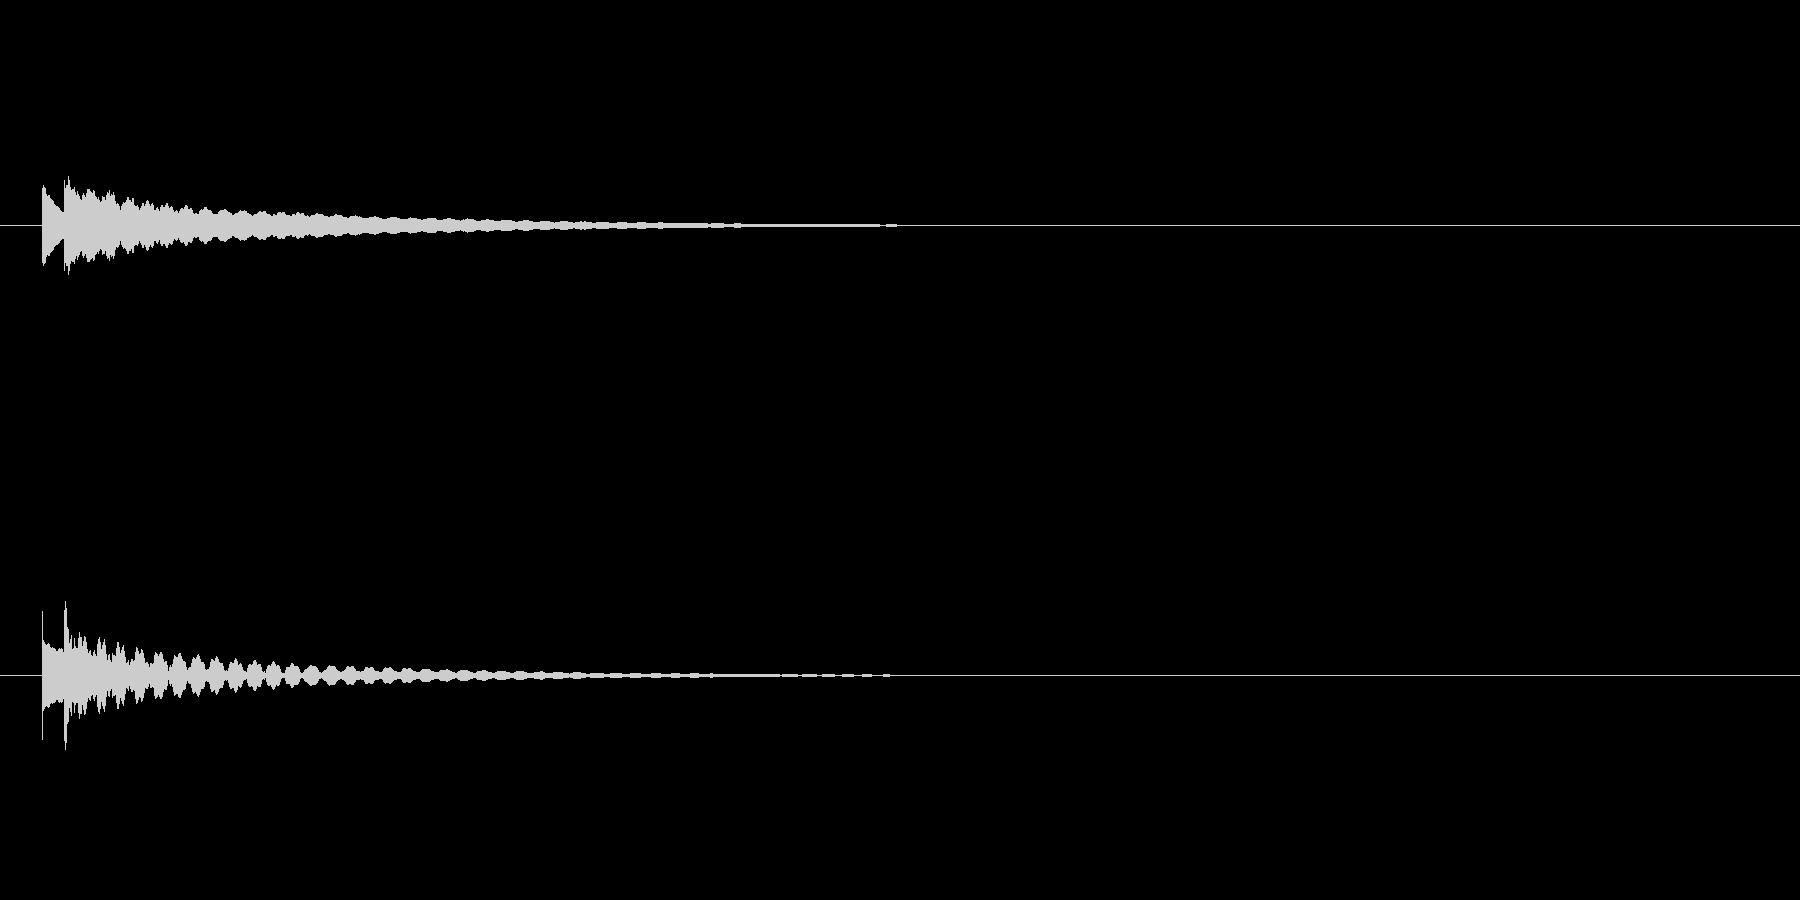 キラーン/クロタル(鐘)のキラキラ効果音の未再生の波形